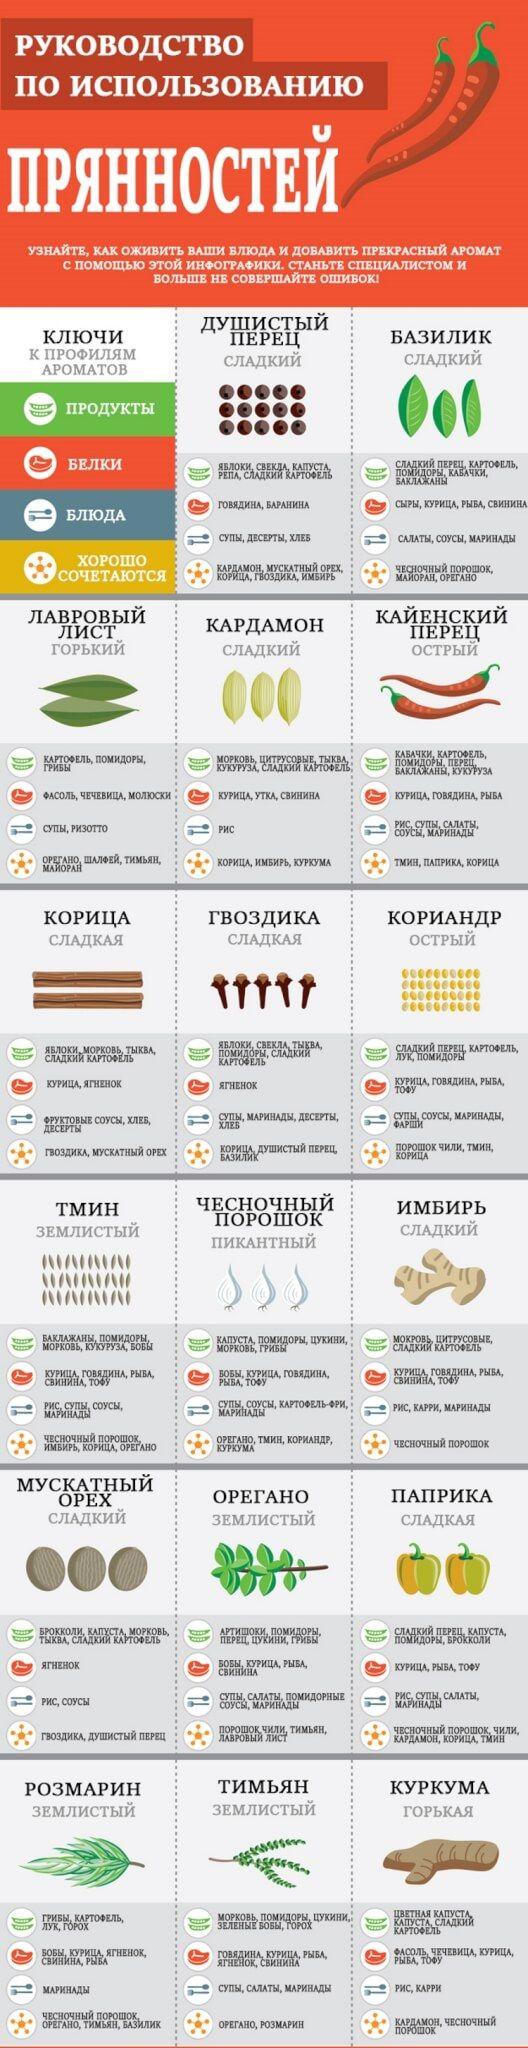 13 картинок в помощь при готовке